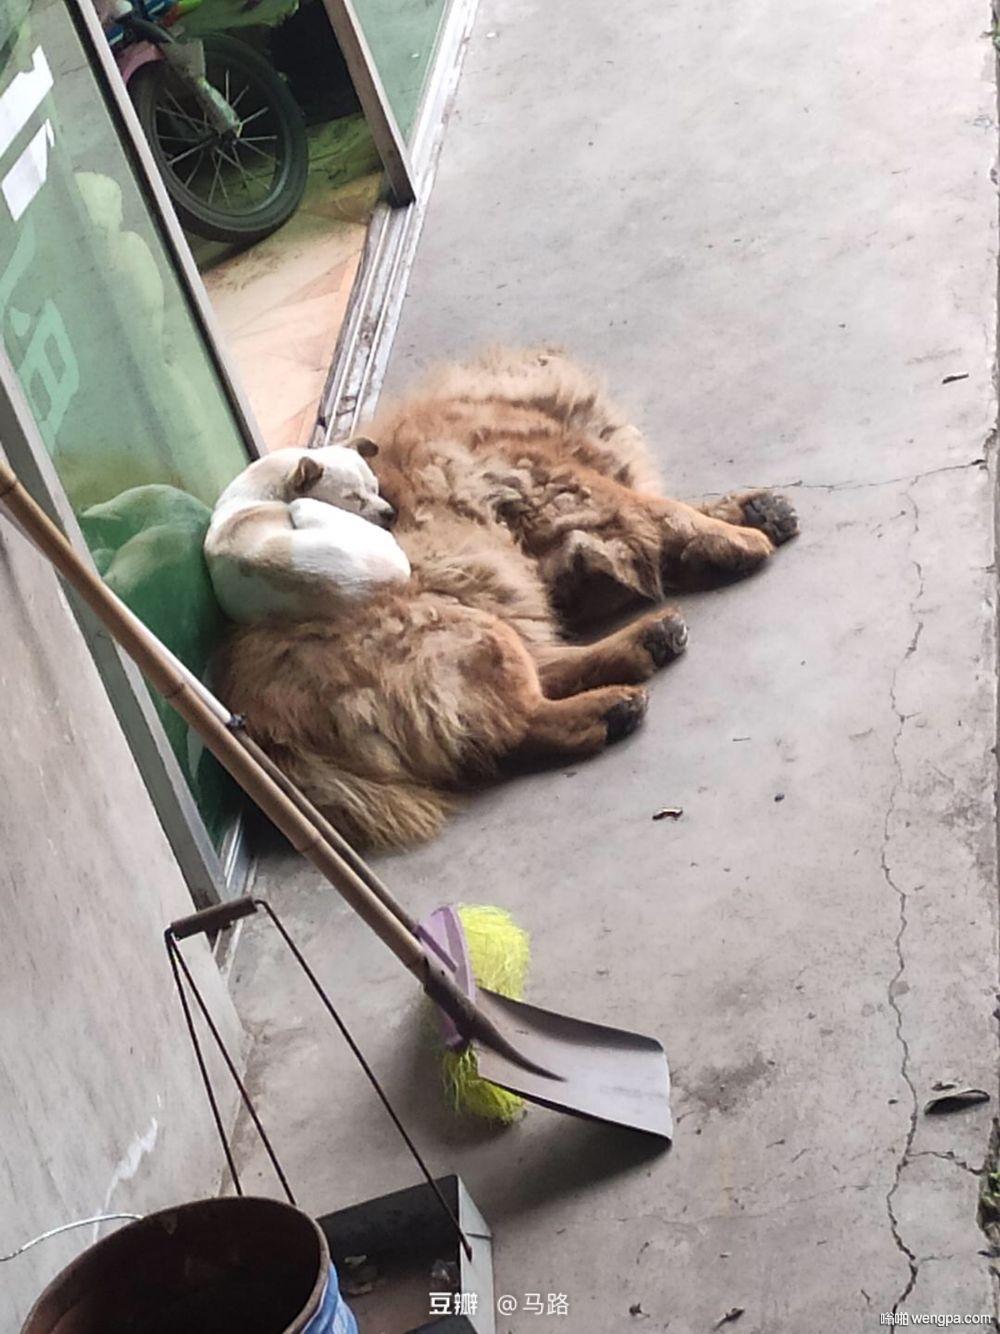 【狗狗搞笑图片】小白有一个毛茸茸的毯子